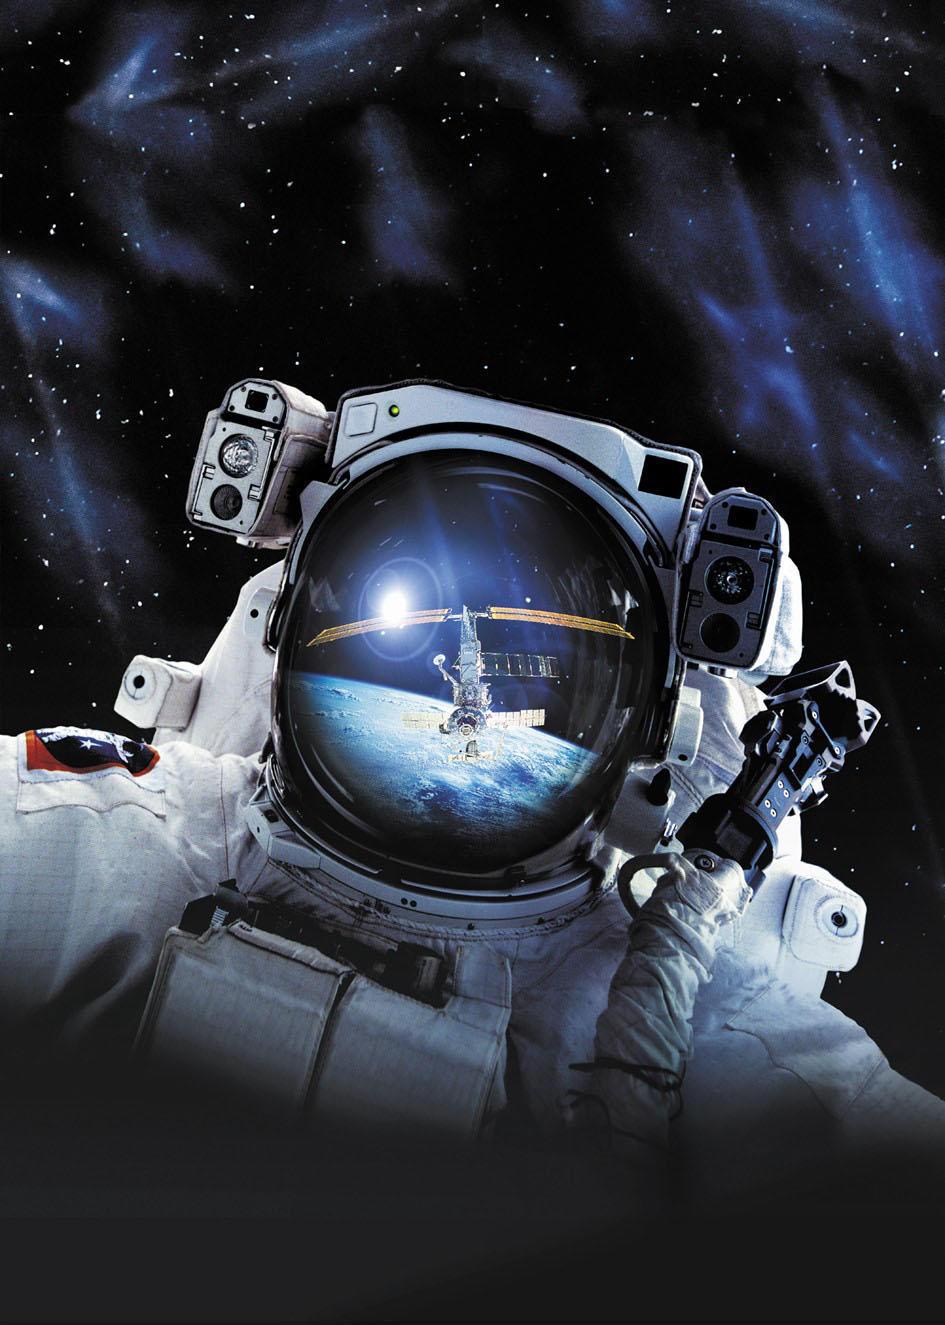 Bild zu OTS - Der Weltraum. Unendliche Weiten. Was bisher nur einigen Astronauten vorbehalten war, kann man im ersten IMAX 3D-Weltraumfilm hautnah selbst erleben: Mit den Augen eines Astronauten sehen und schwerelos durchs Weltall schweben.  Auf der Raumstation ISS wird eines der erstaunlichsten Forschungslabors in der Geschichte der Menschheit Wirklichkeit.